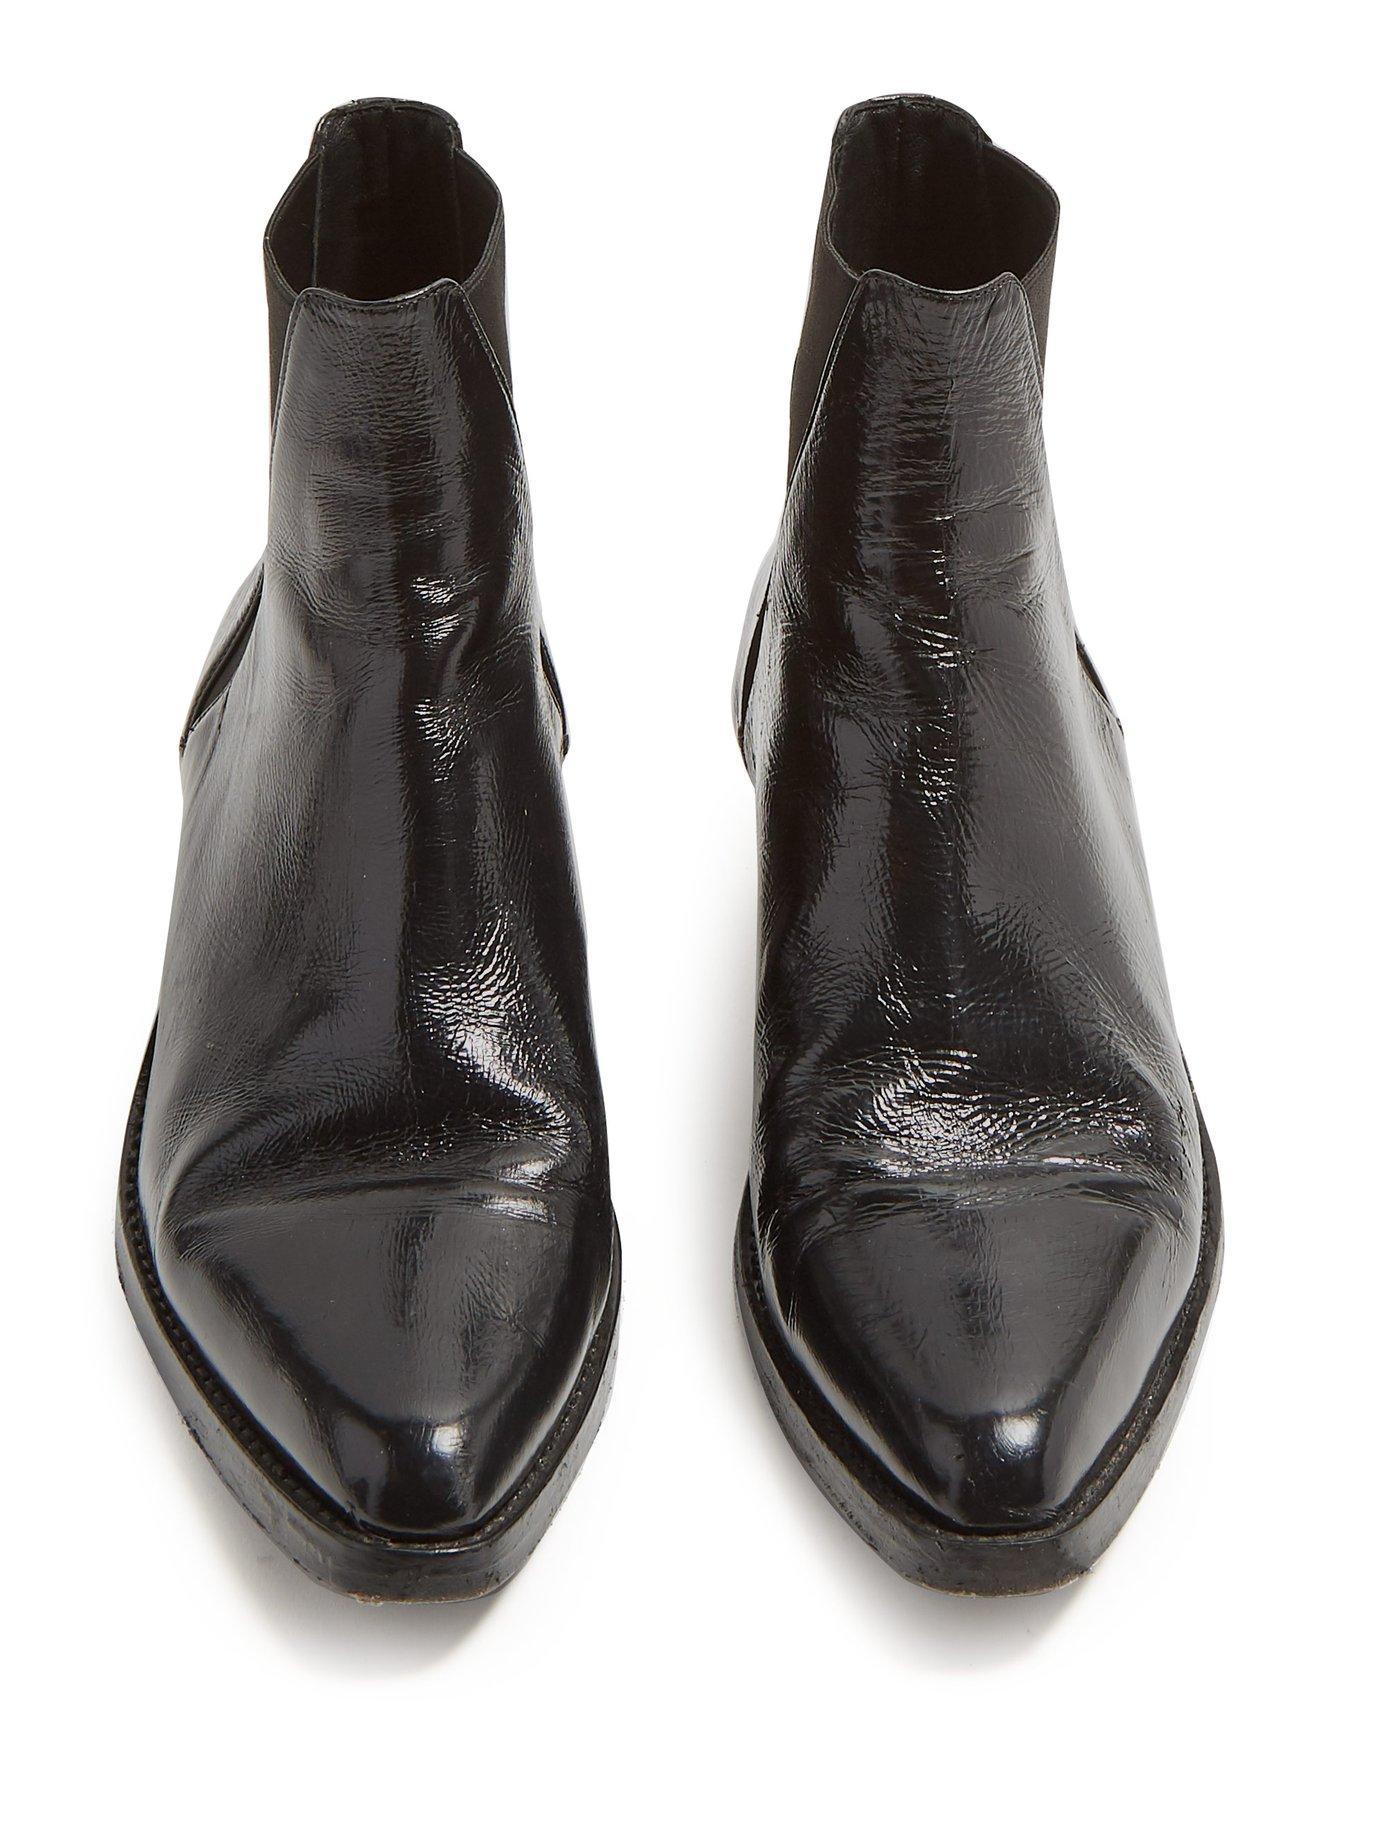 41e27f148e20 Saint Laurent - Black Dakota Leather Chelsea Boots for Men - Lyst. View  fullscreen